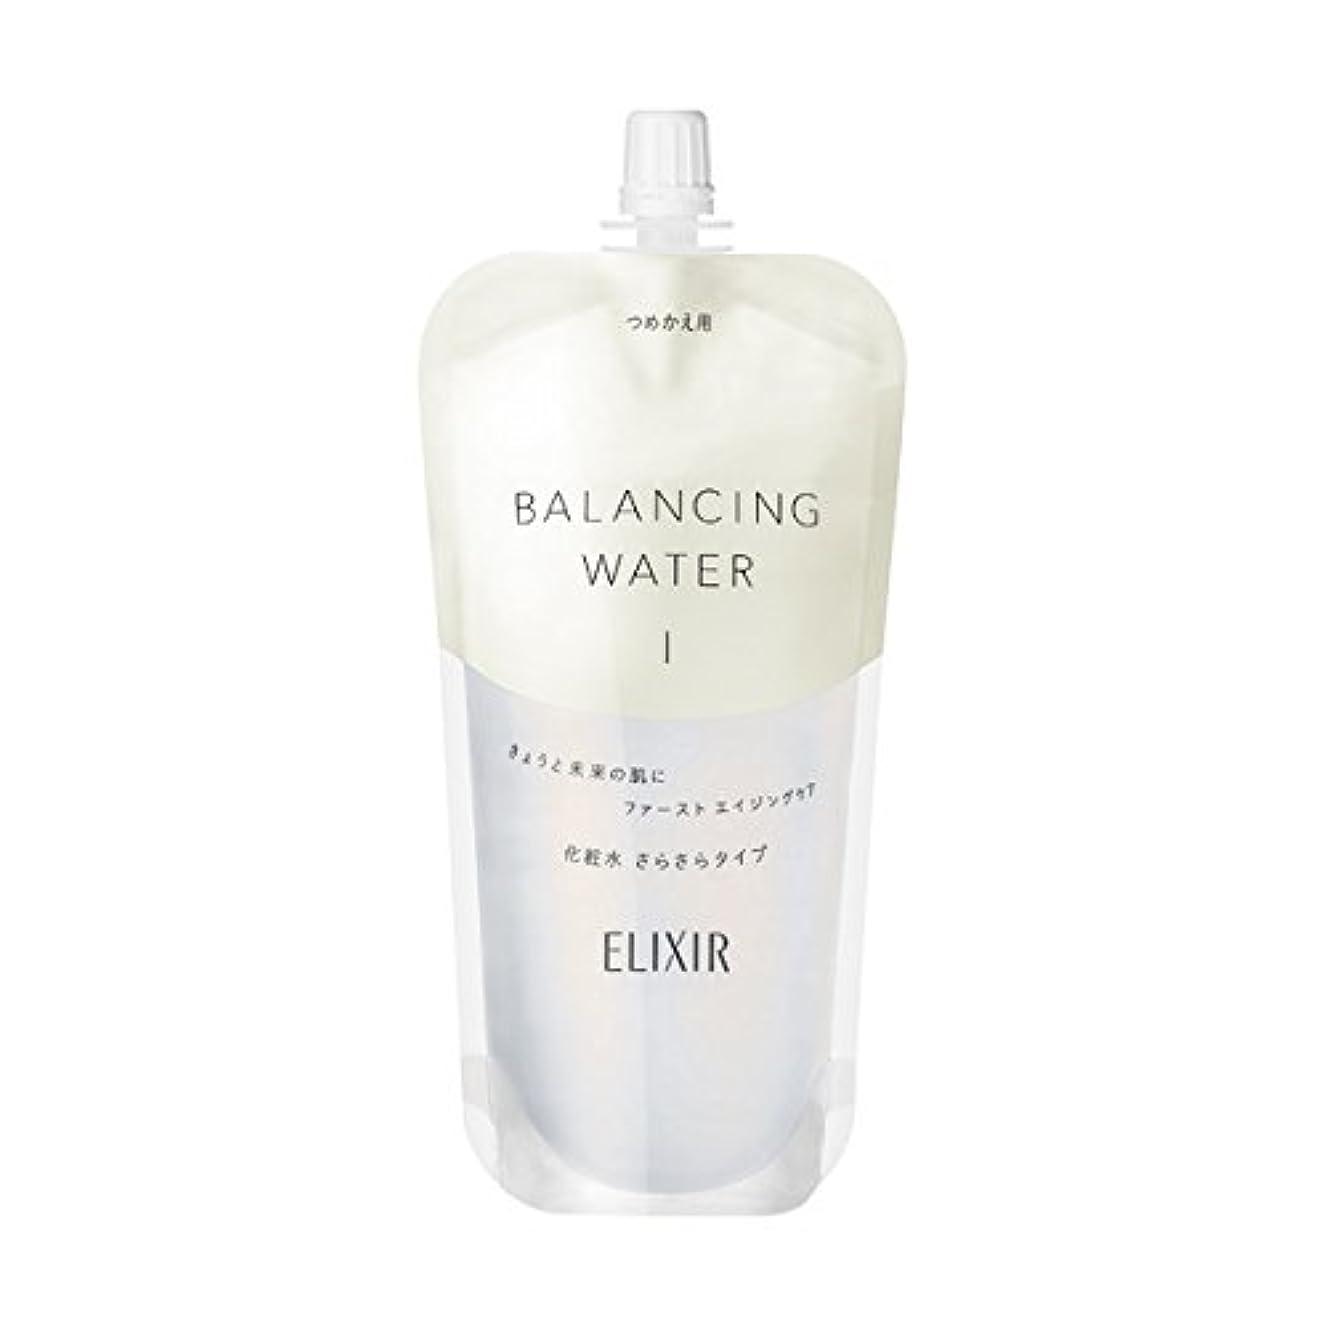 間違いインディカ基本的なエリクシール ルフレ バランシング ウォーター 化粧水 1 (さらさらタイプ) (つめかえ用) 150mL